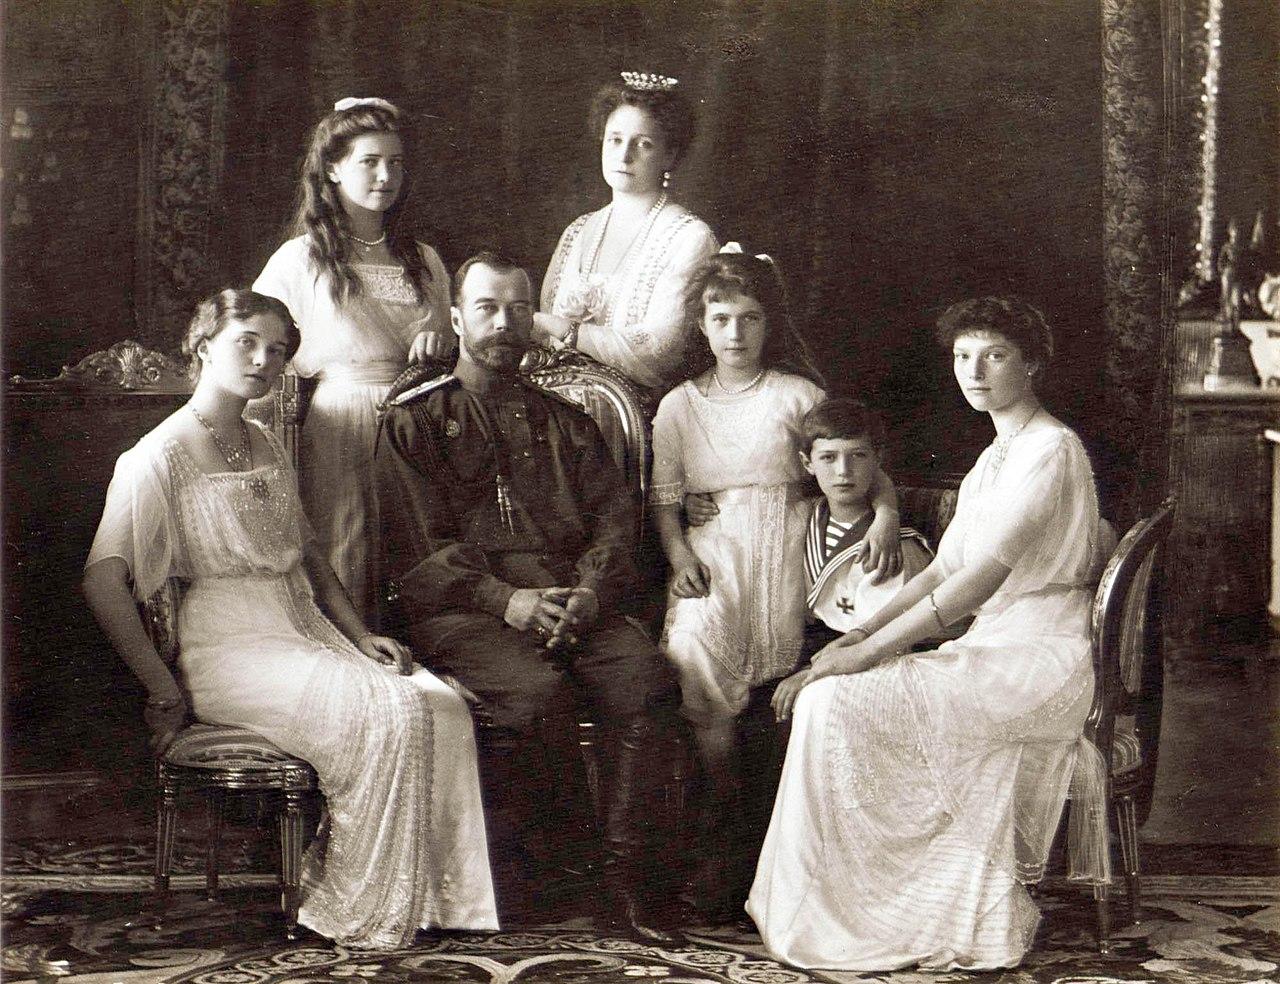 Zar Nikolaus II. und seine Ehefrau Alexandra mit den vier Töchtern Olga, Tatjana, Anastasia Maria sowie Sohn Alexis. Sie alle wurden währen der Revolution ermordet.  © Gemeinfrei